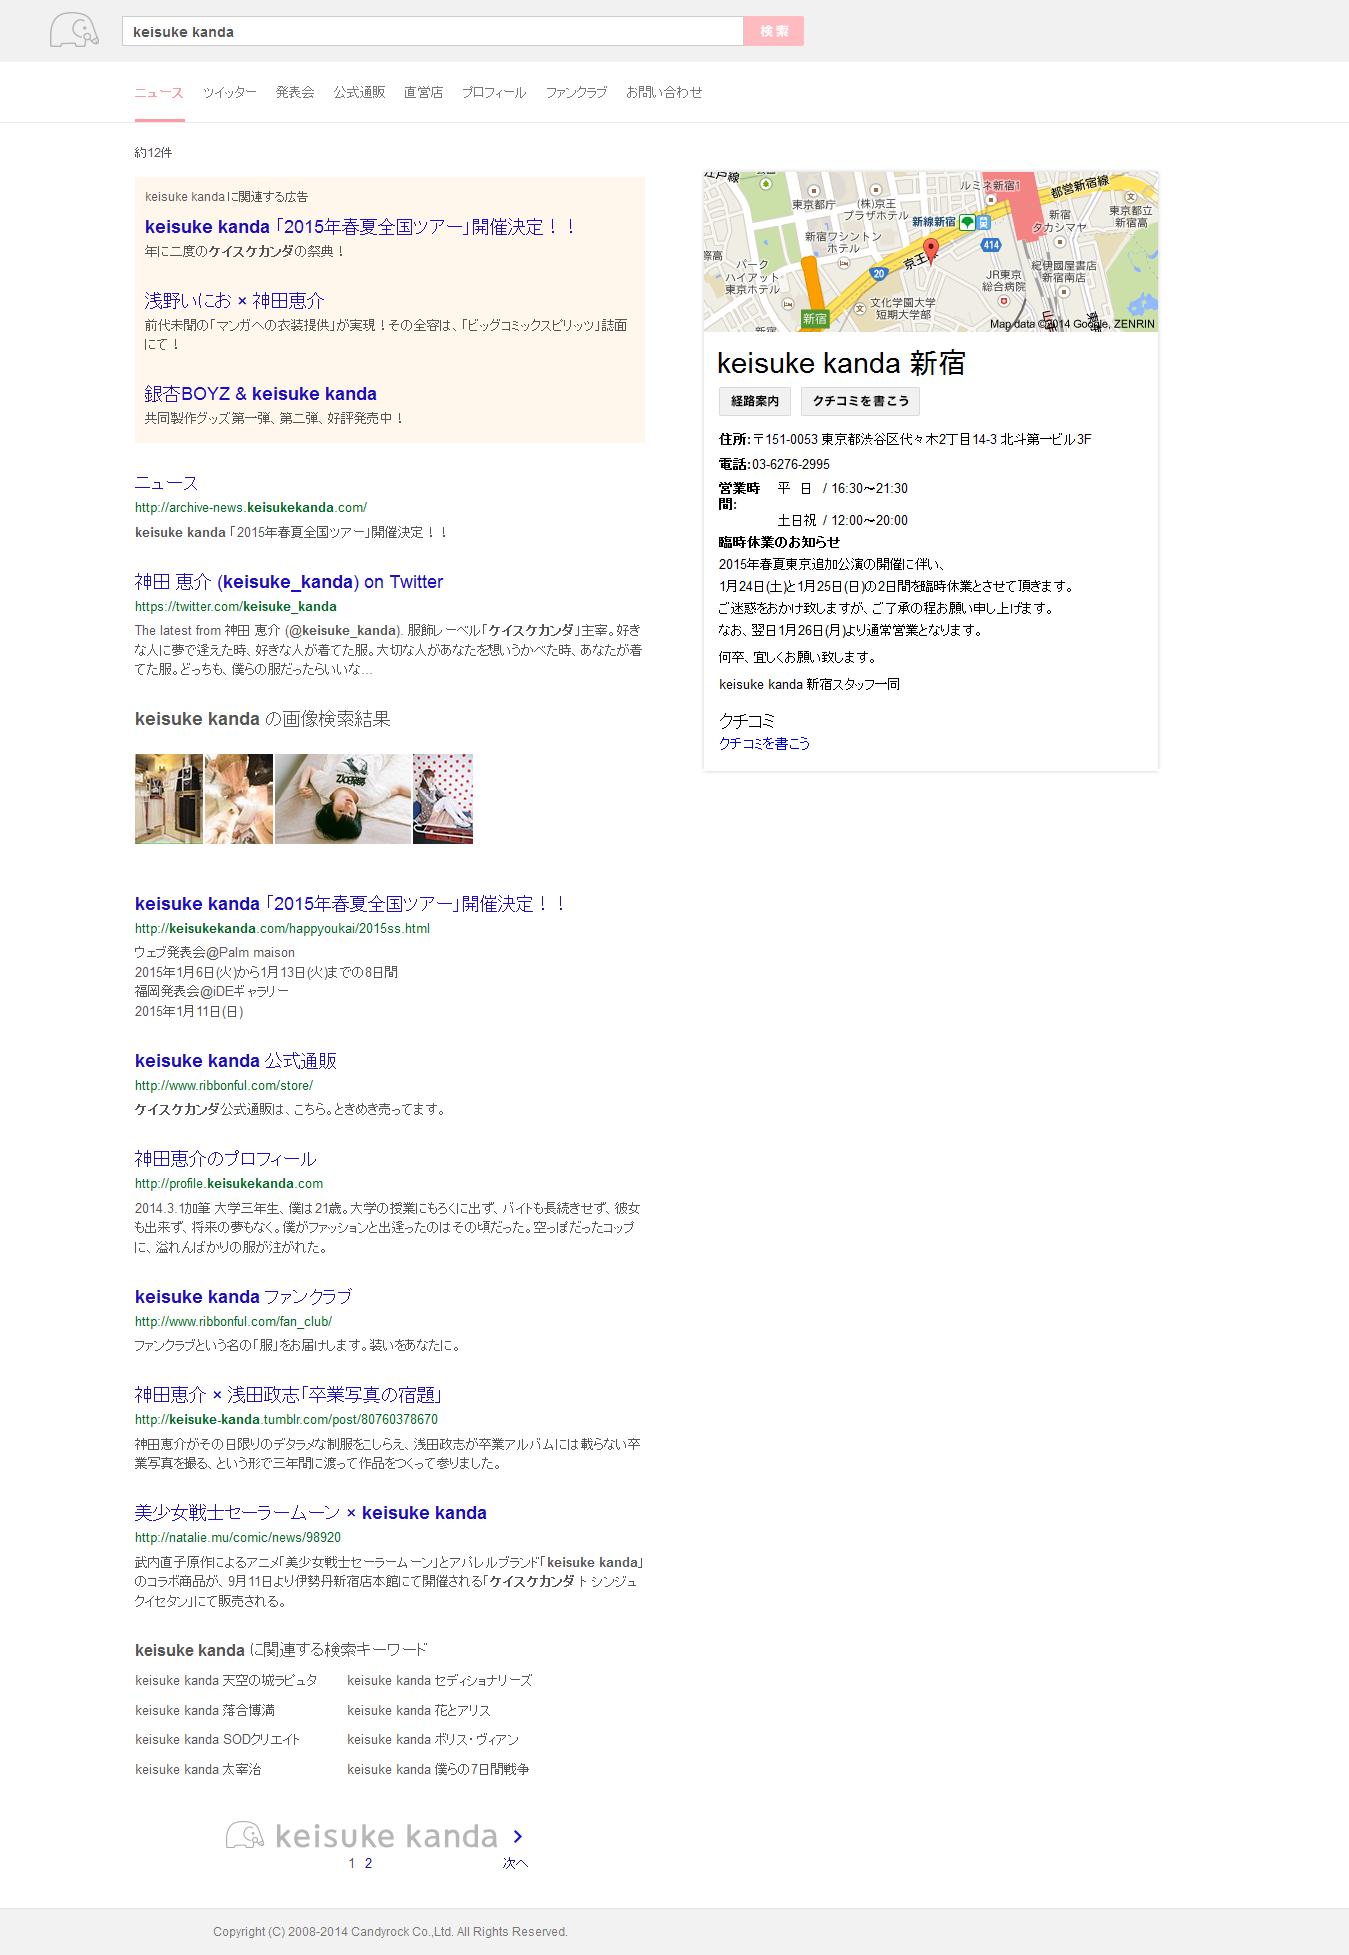 keisuke kanda(ケイスケカンダ) 公式サイト